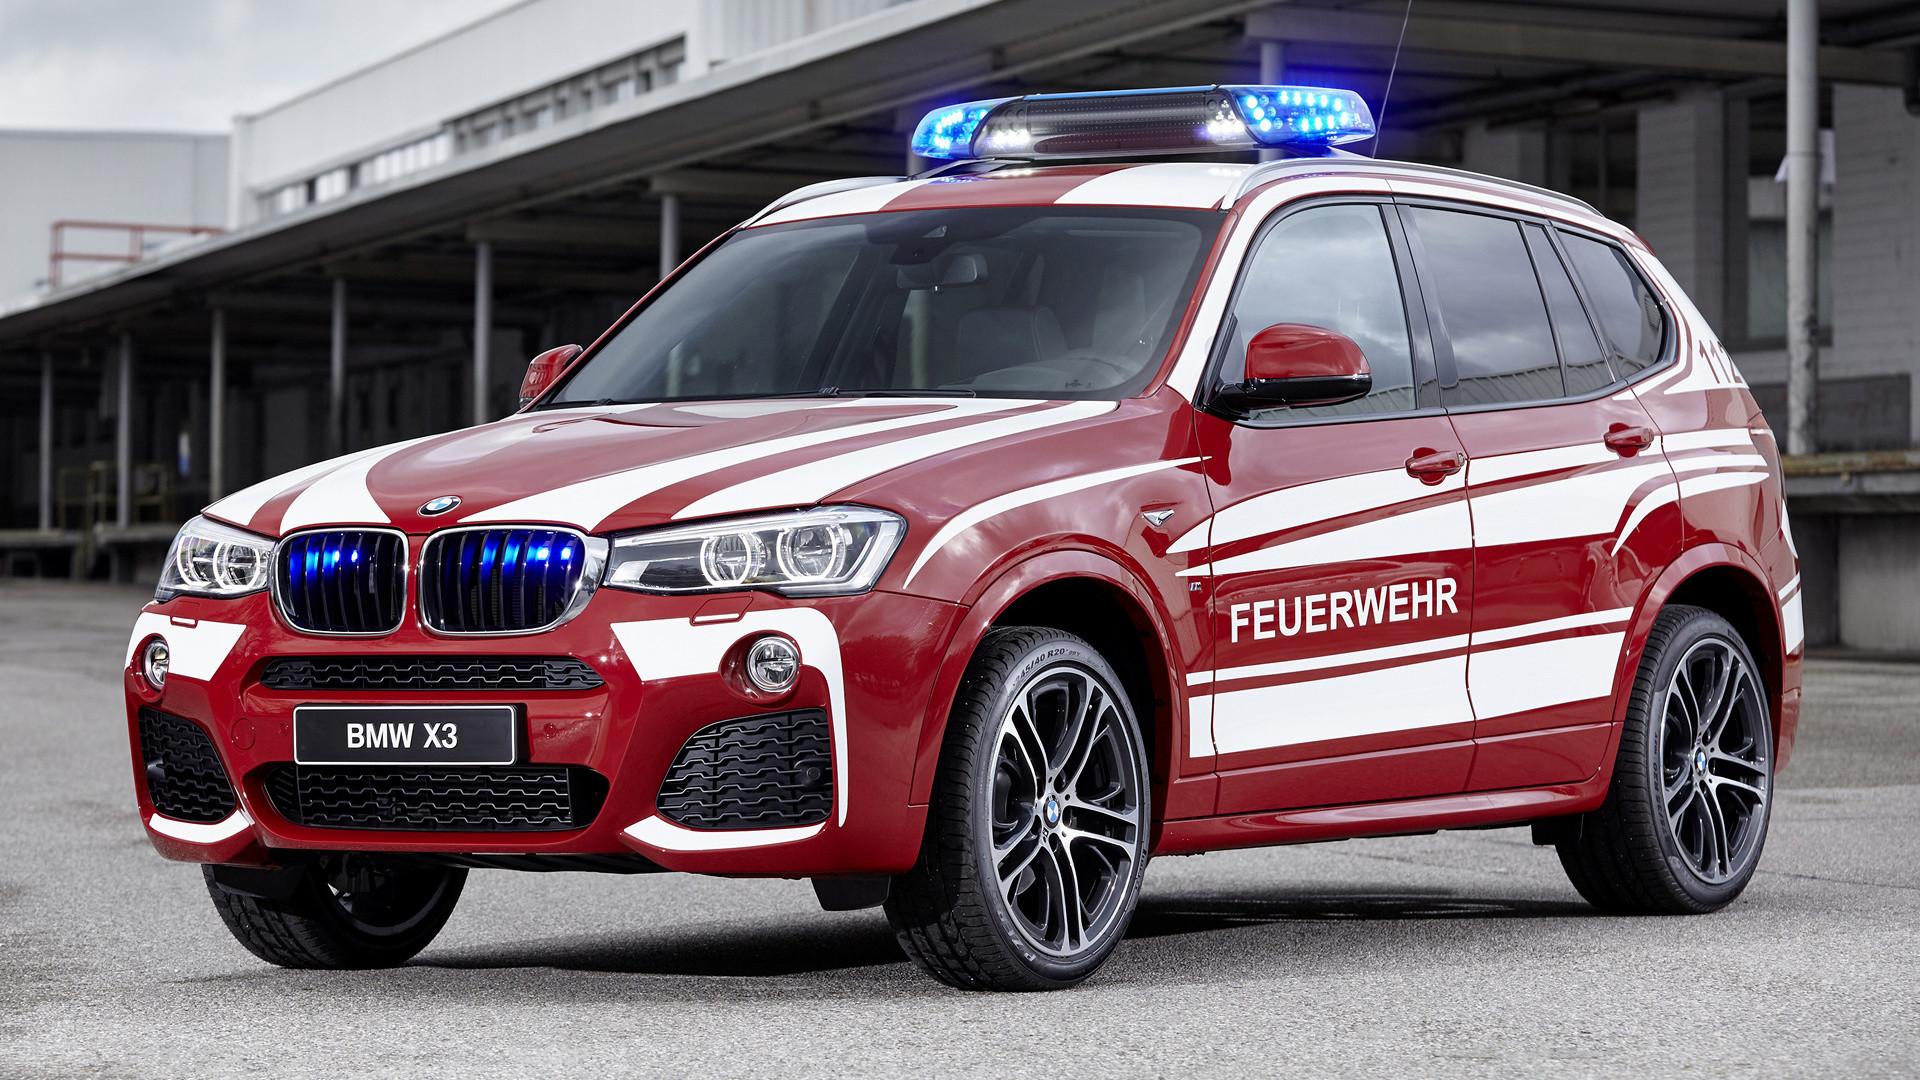 Bmw Hd Wallpapers 1080p Download Die 83 Besten Feuerwehr Hintergrundbilder Hd